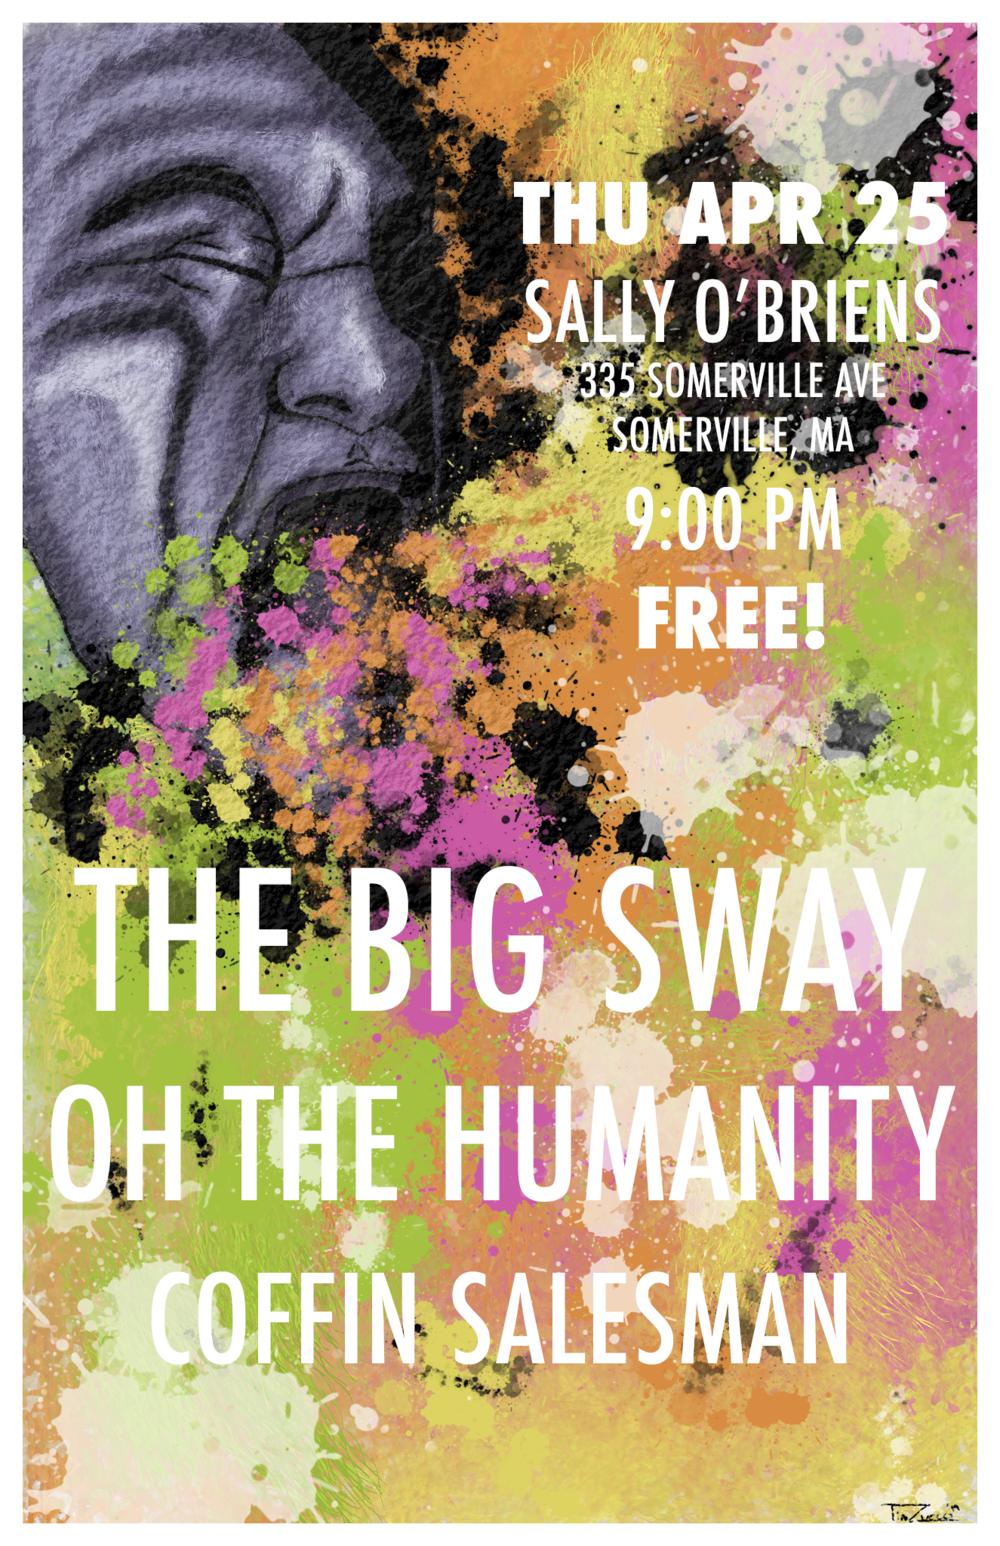 The Big Sway at Sally O'Briens April 25th